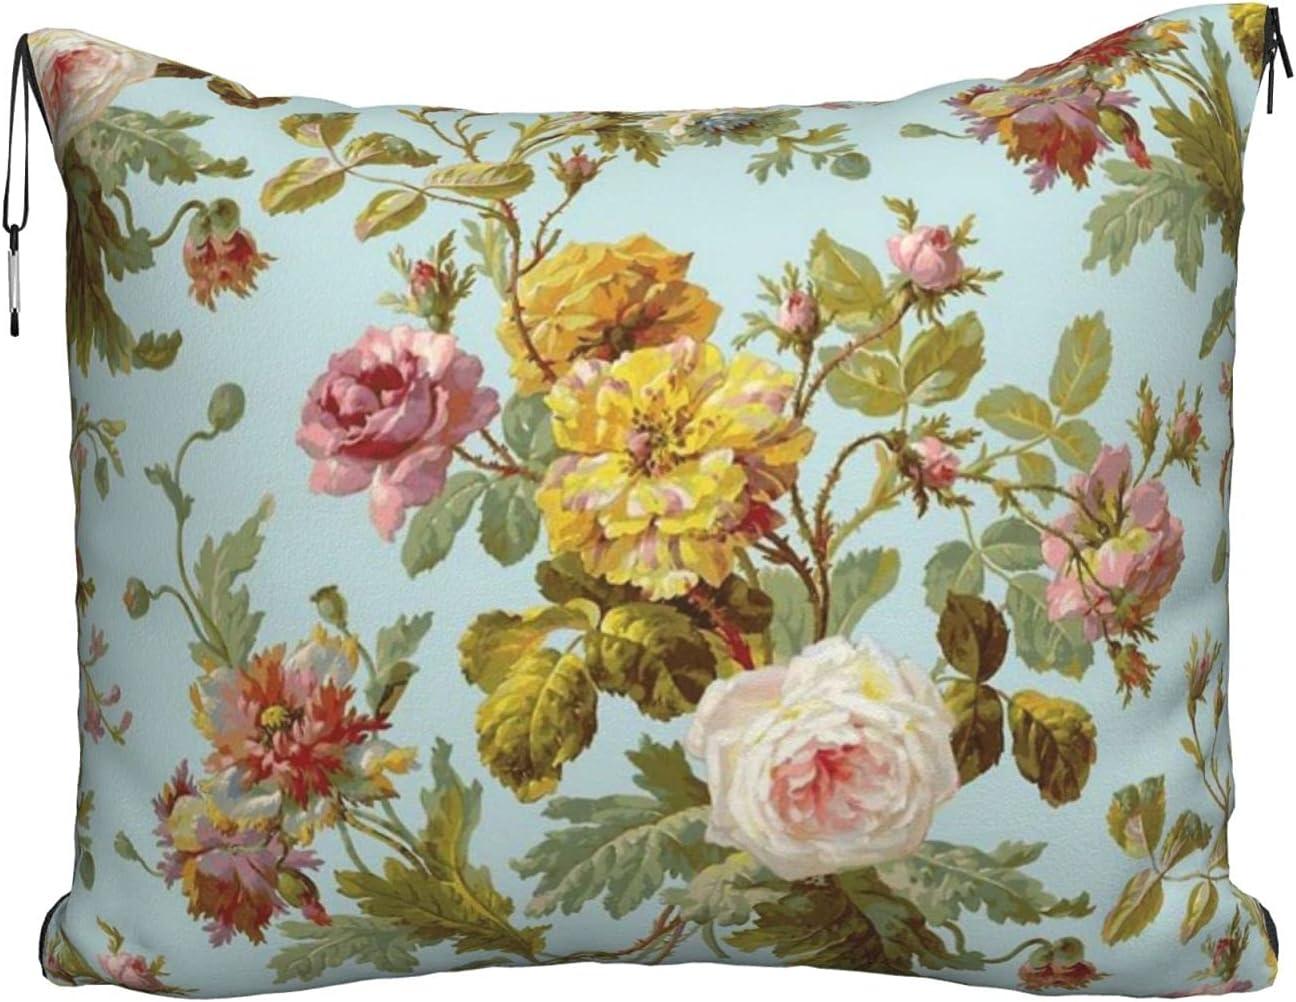 Mescchskvintage Vine Flower Print Travel Import Combo Chicago Mall Pillow Blanket Tr